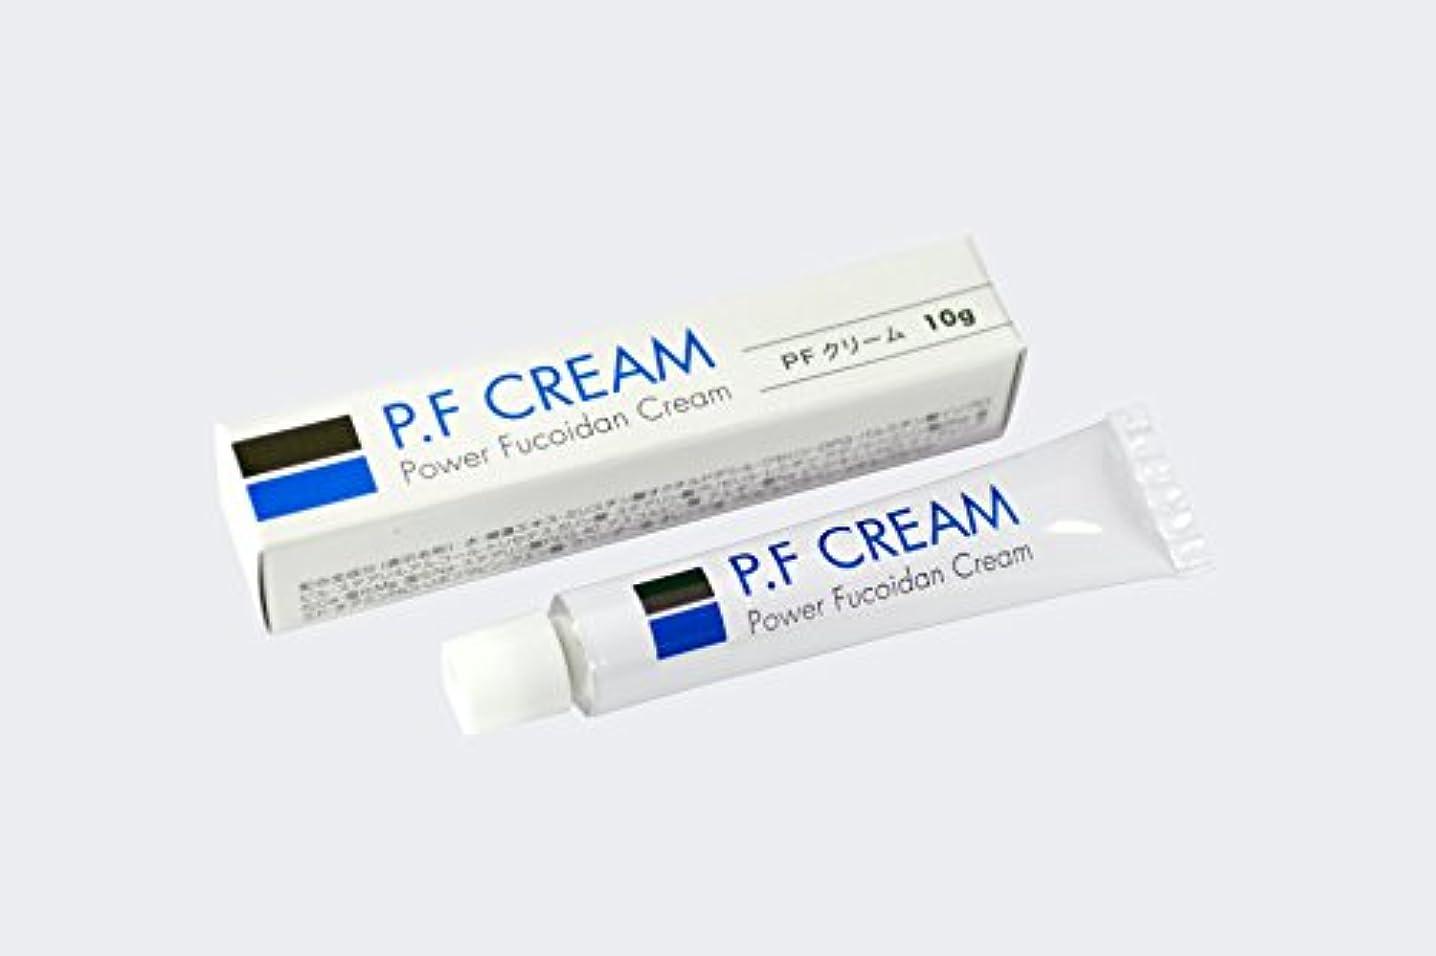 骨髄スチール行商人P.F CREAM(フコイダン含有クリーム) 7本セット